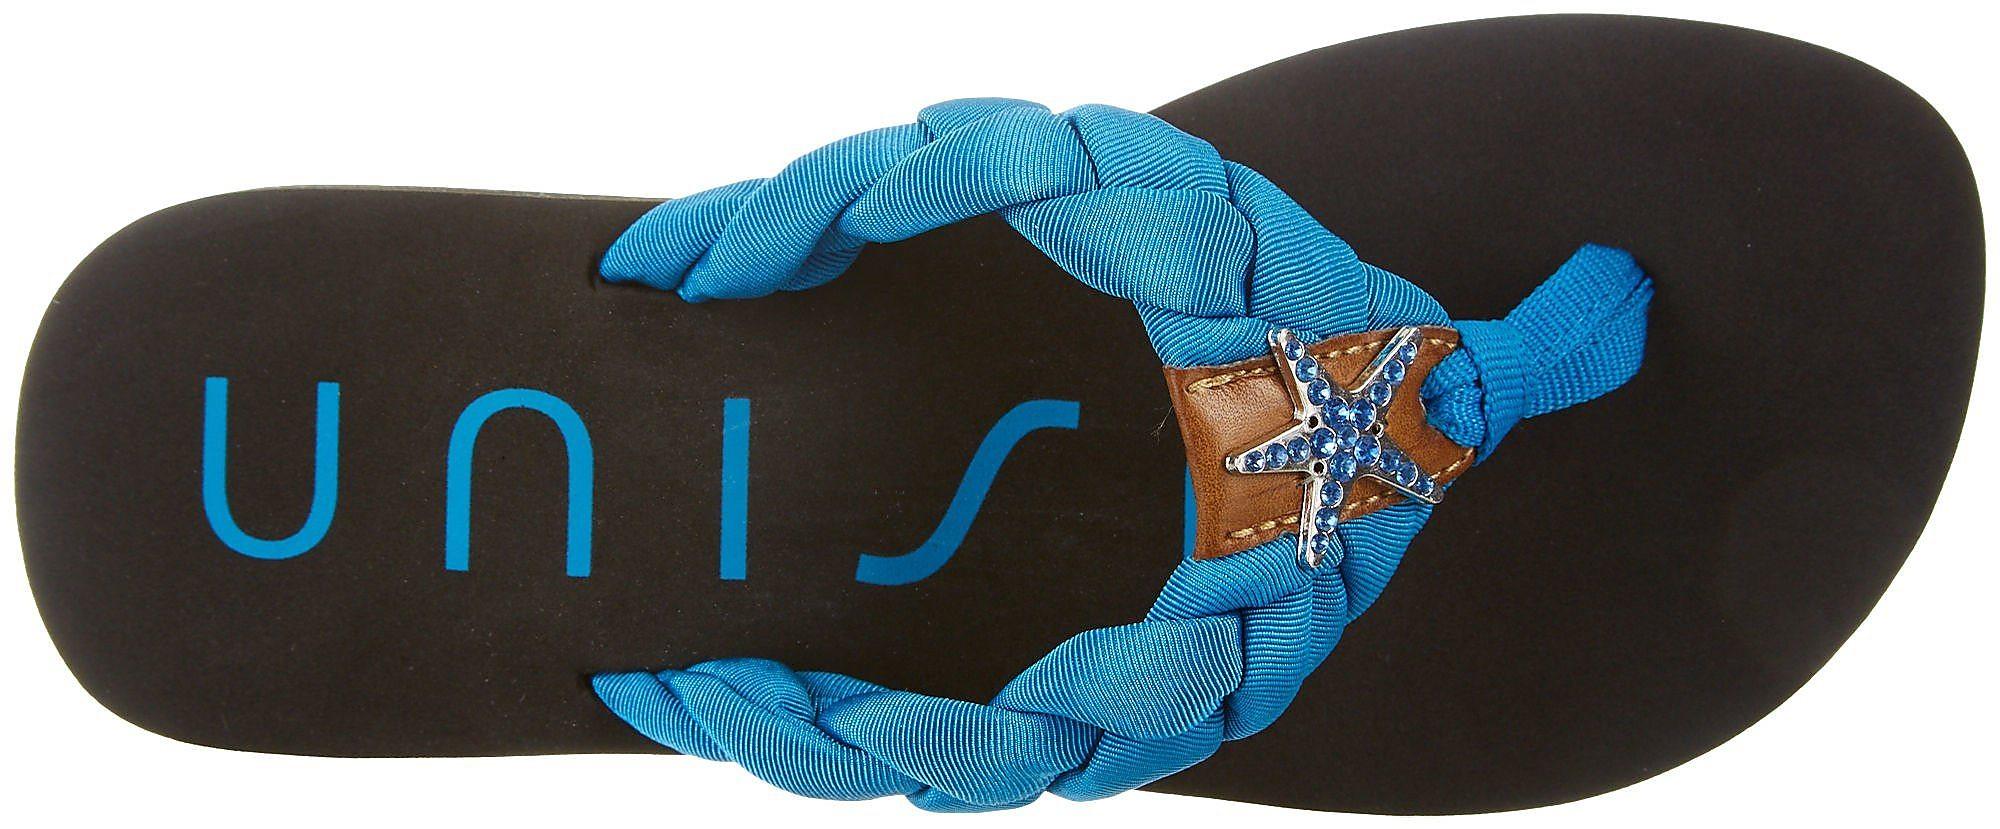 387d9ebcef968 Details about Unisa Womens Faris Flip Flops